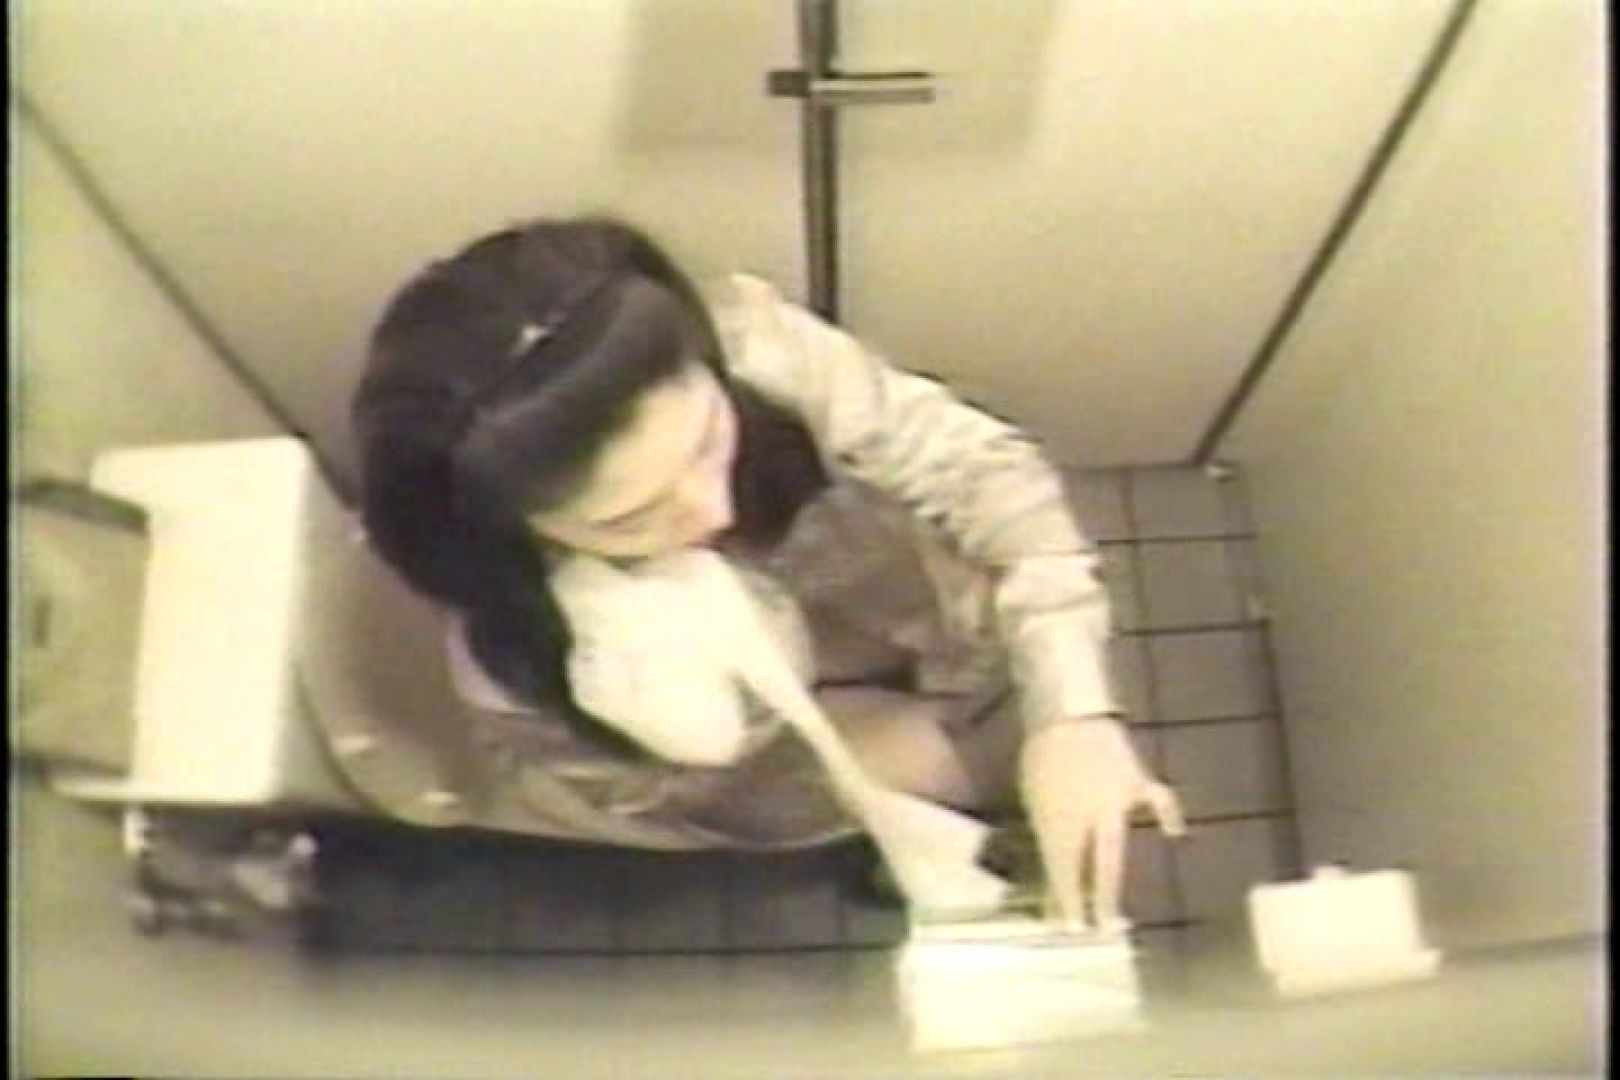 盗撮 女子洗面所3ヶ所入ってしゃがんで音出して プライベート   和式  109連発 101